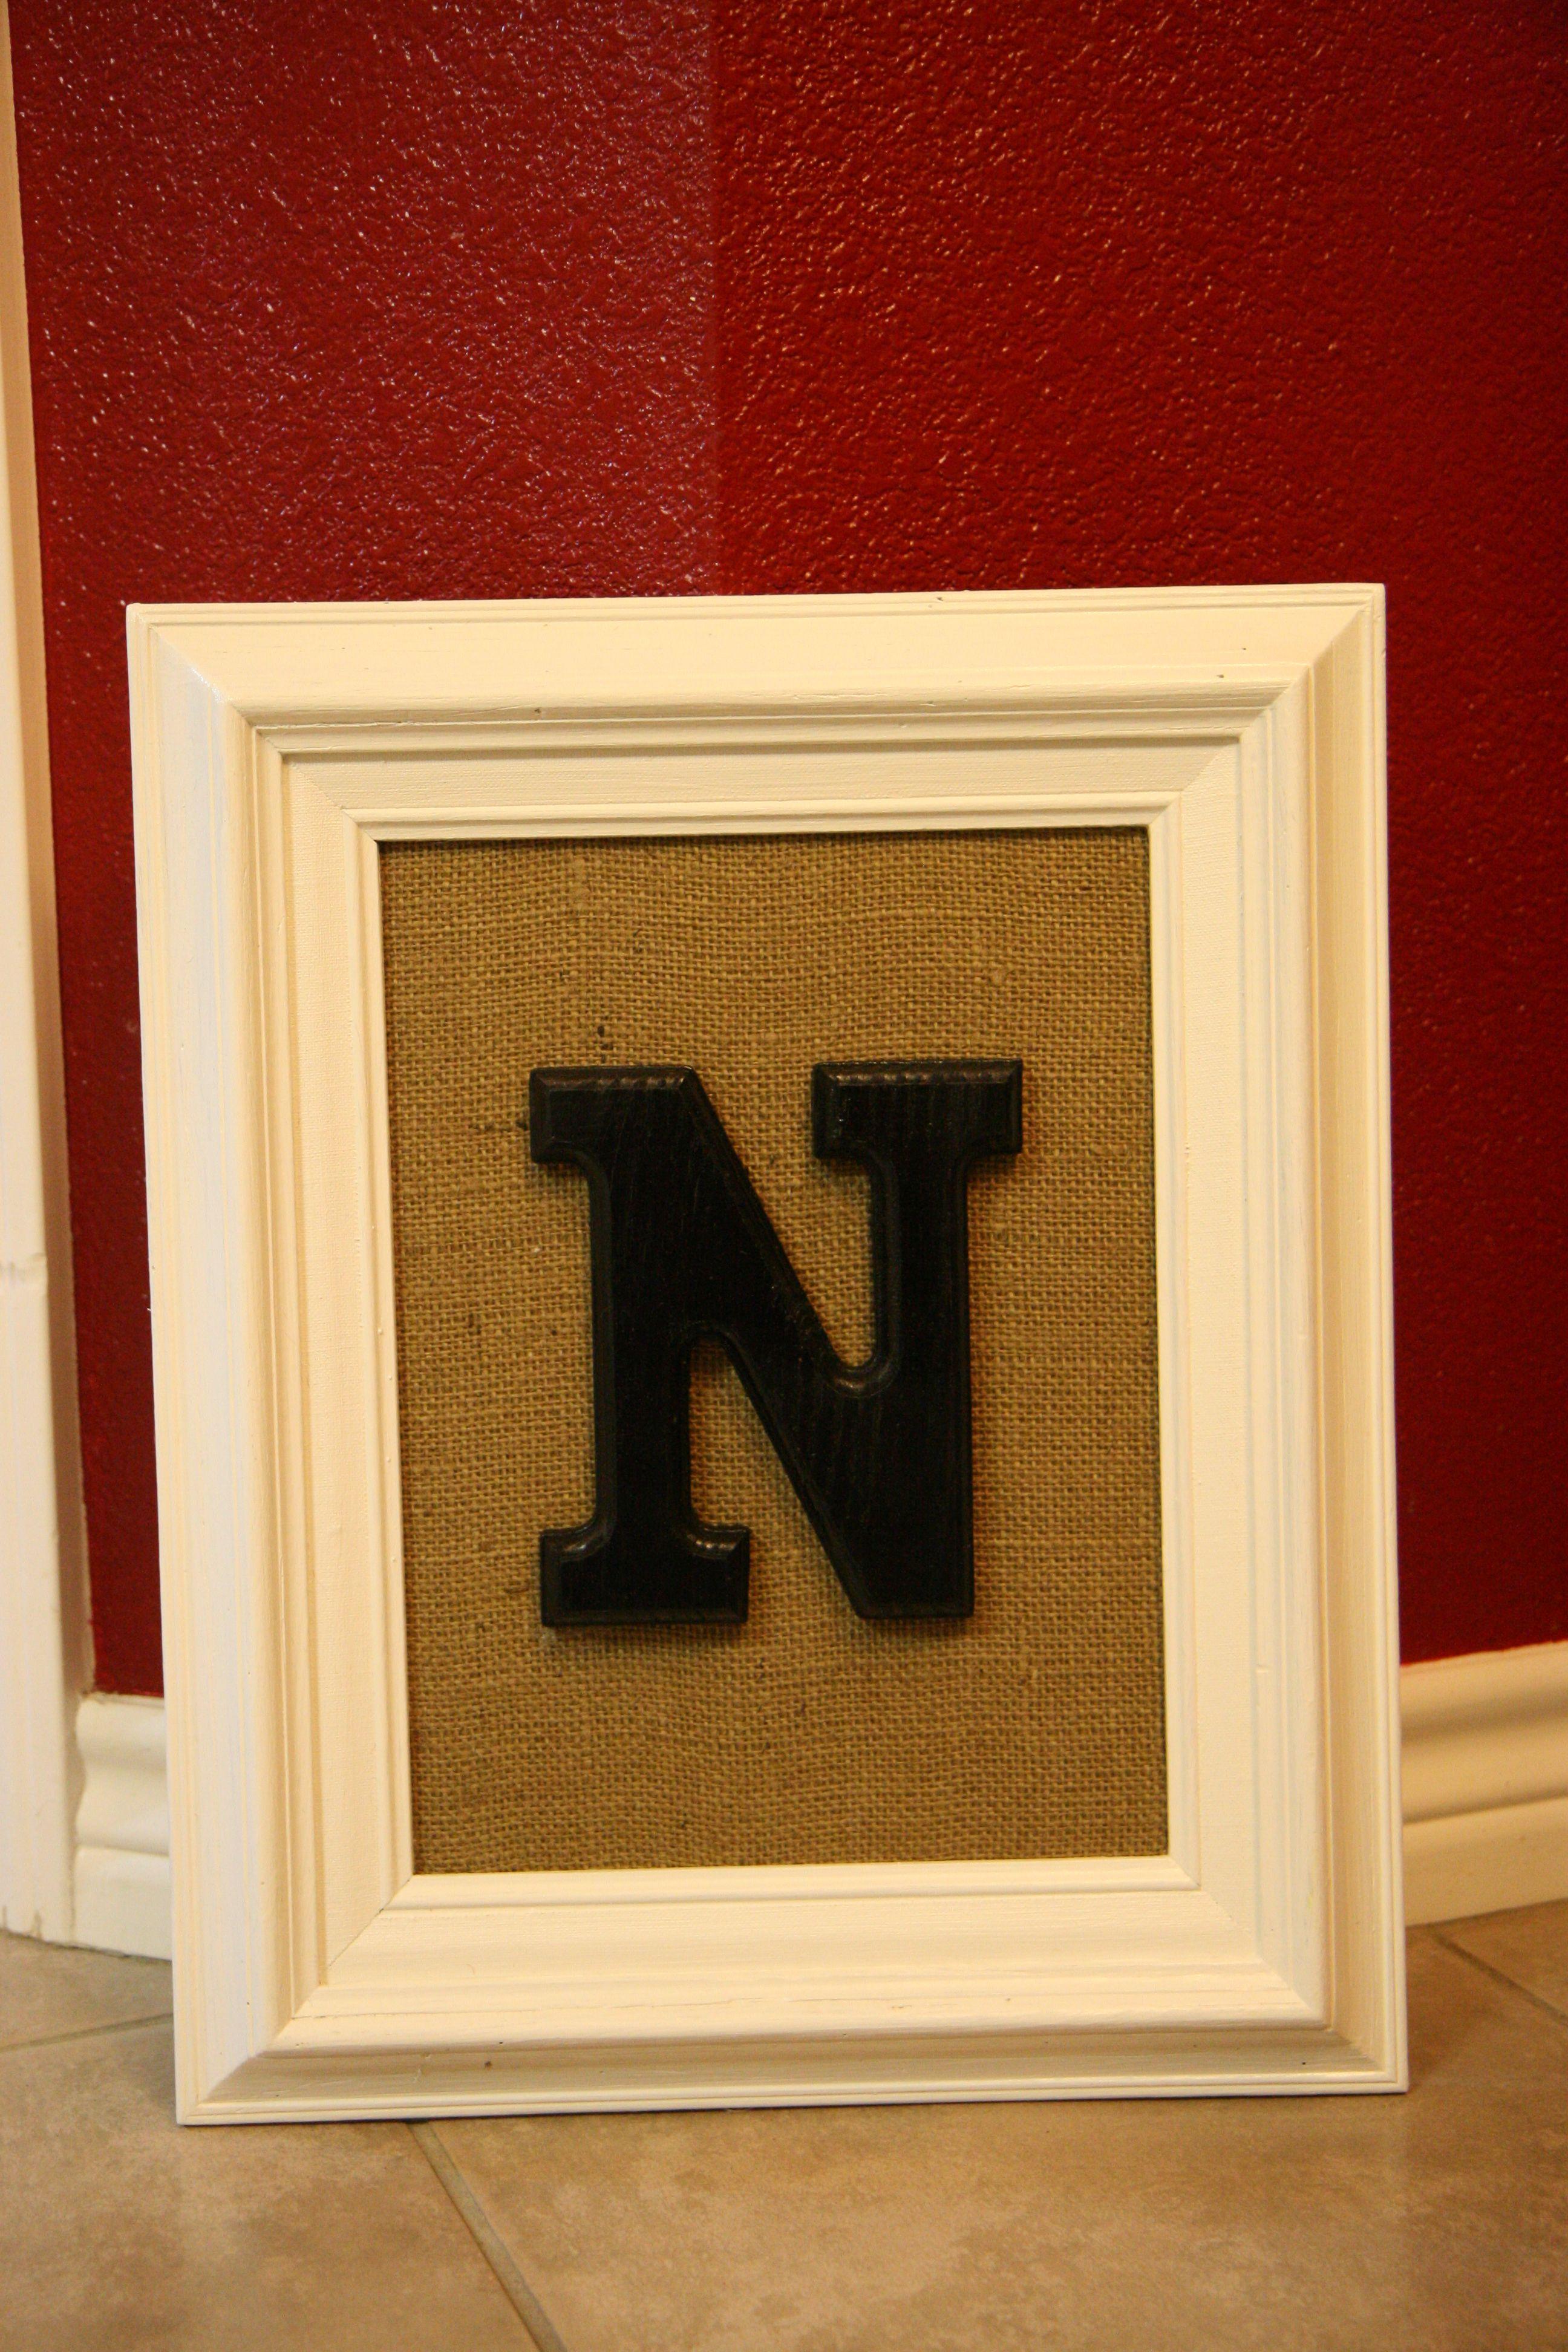 framed burlap wooden letter | Pinspirations | Pinterest | Framed ...